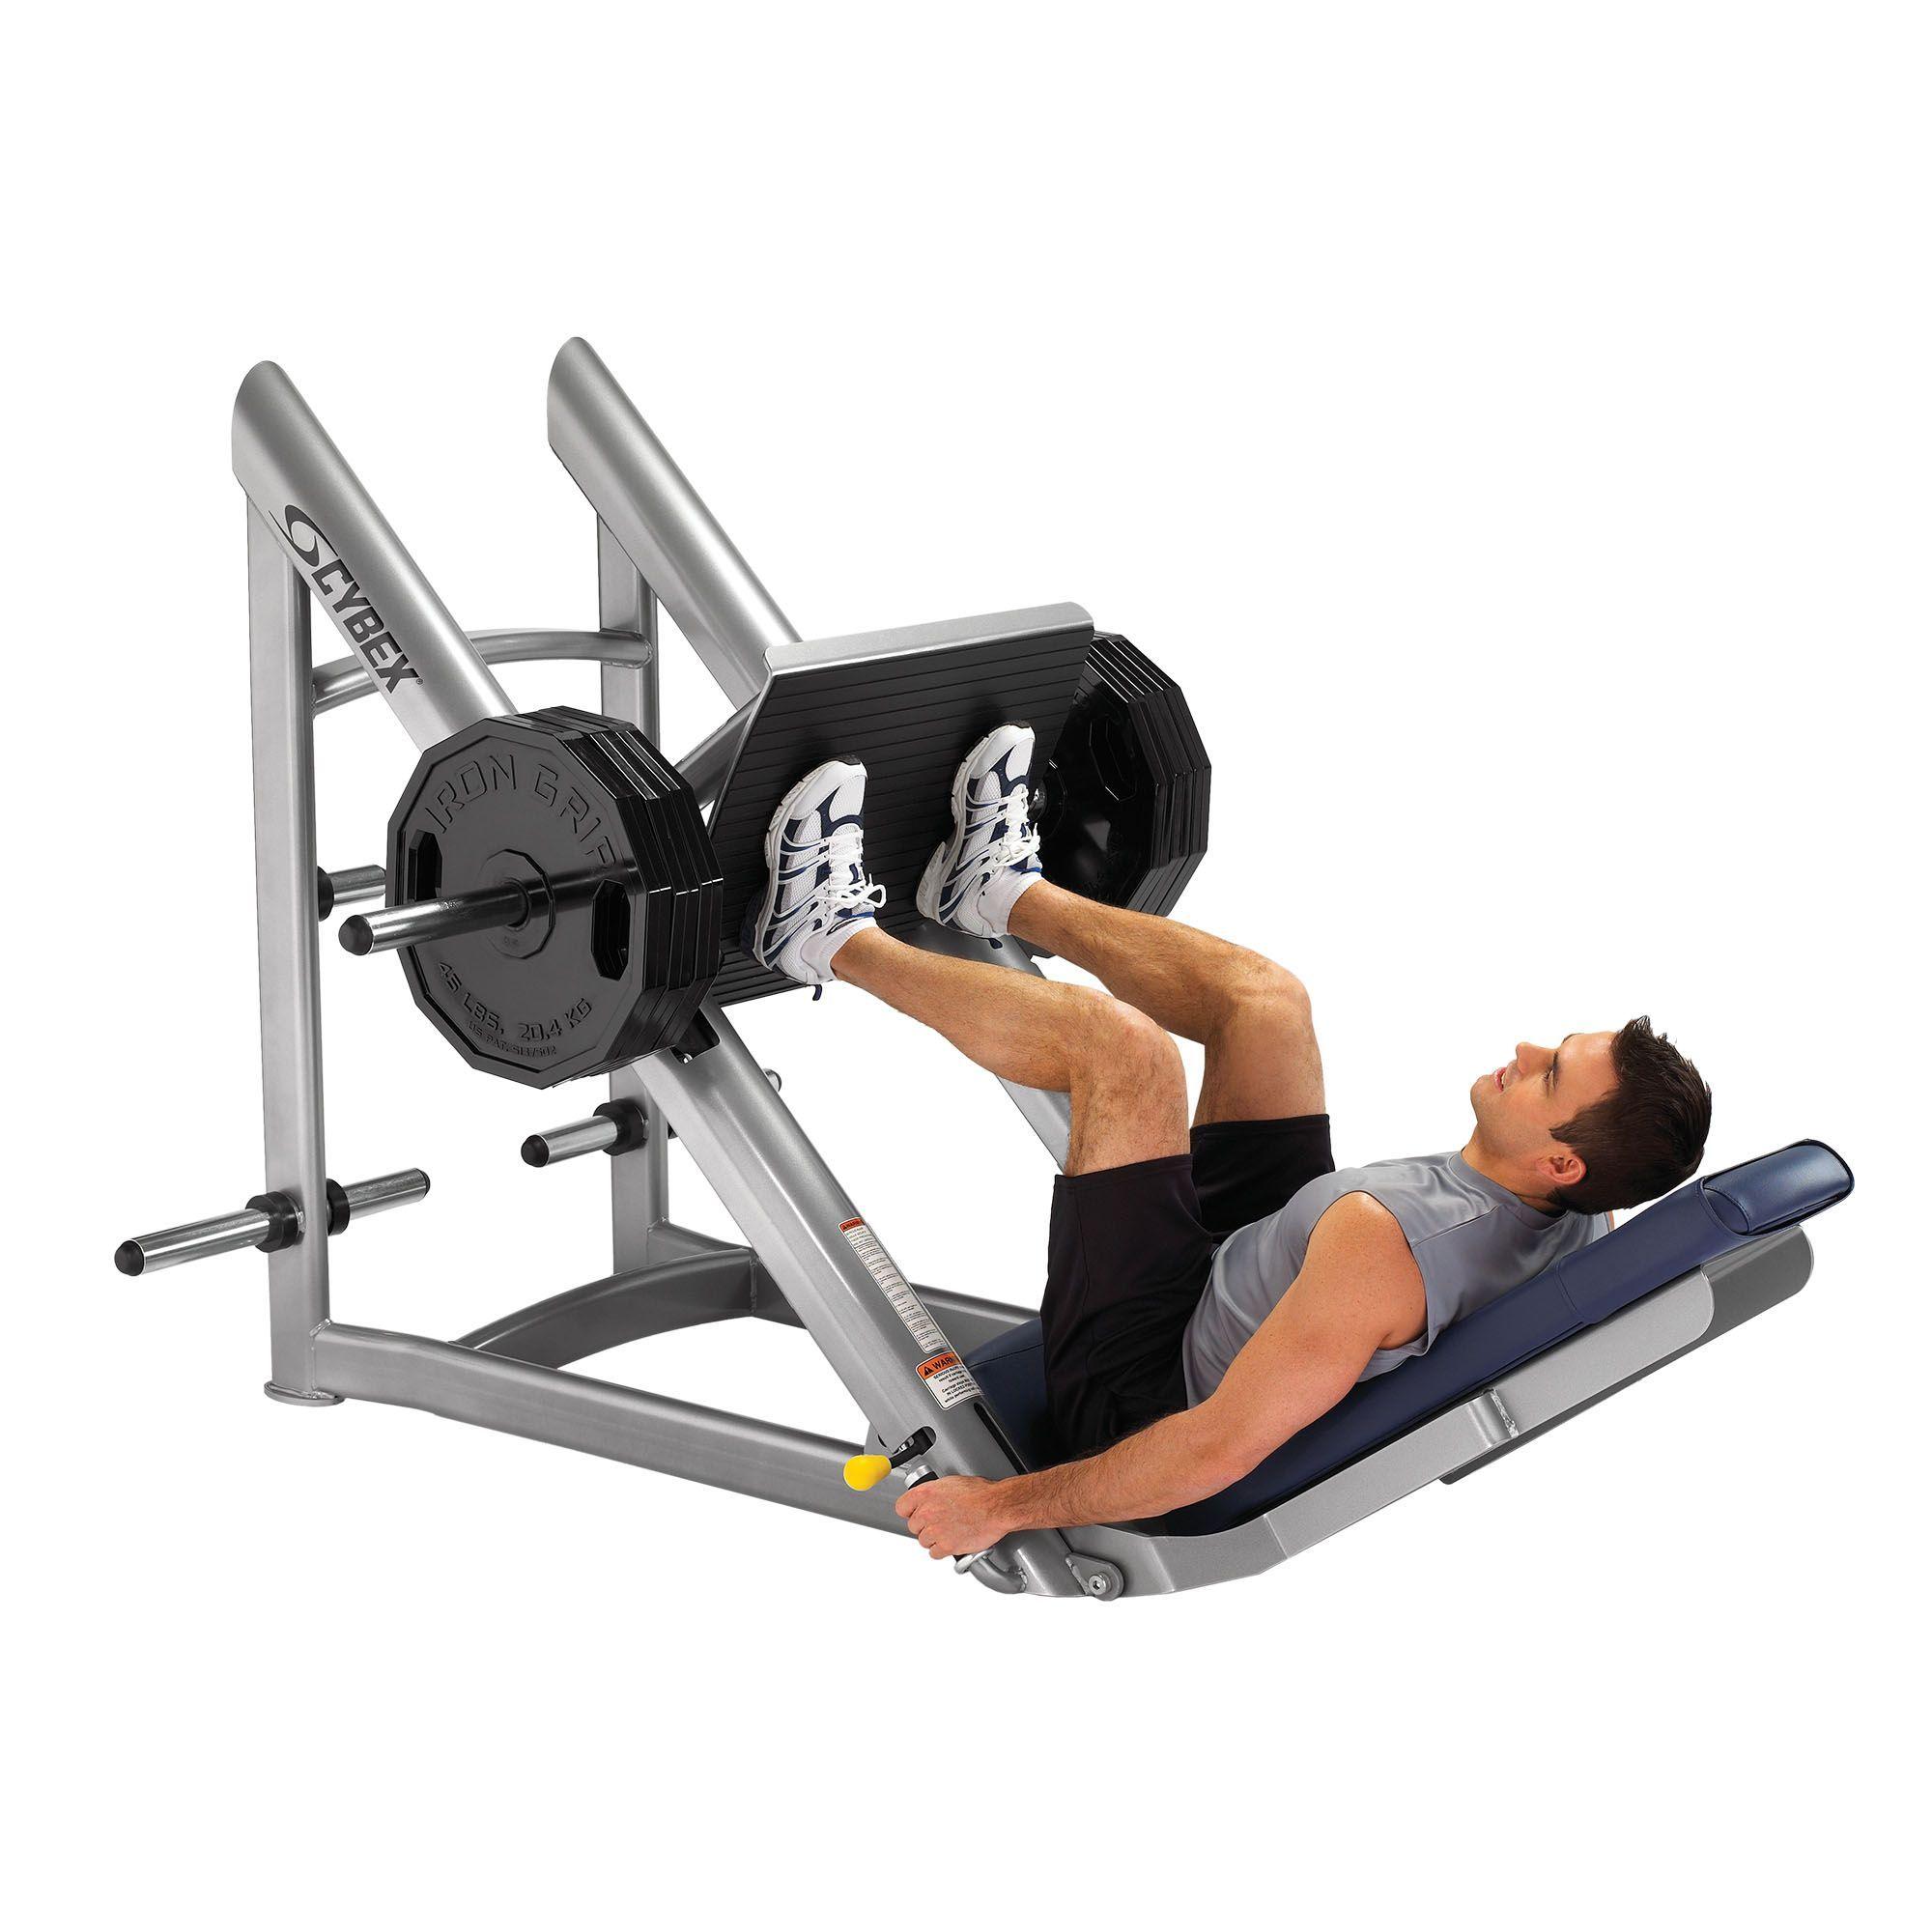 Cybex Plate Loaded Leg Press (con imágenes) | Prensa para piernas, Ejercicios para piernas, Entrenamiento fitness